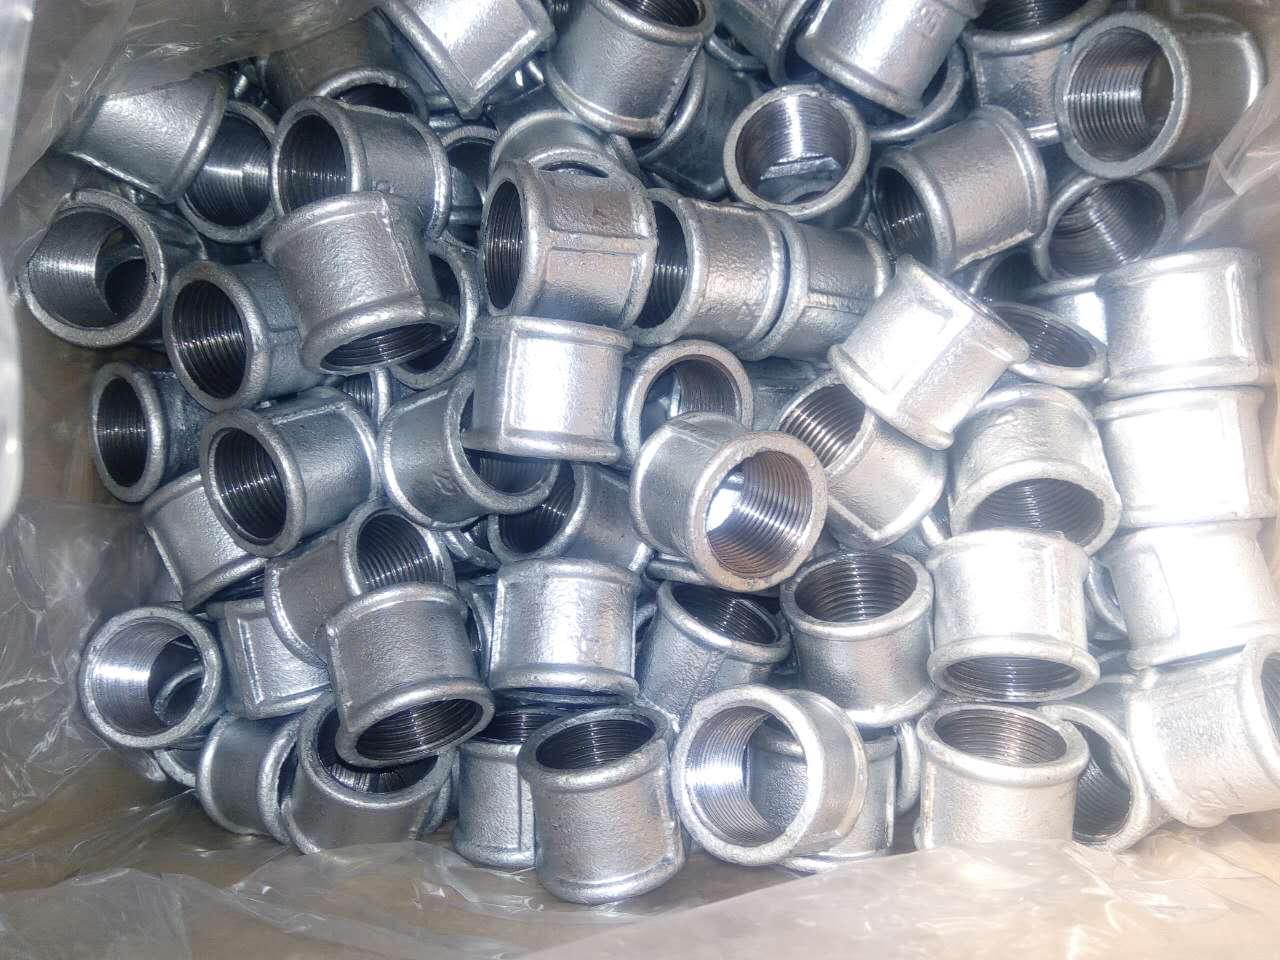 玛钢管件价格,太谷裕鑫玛钢提供品牌好的玛钢管件